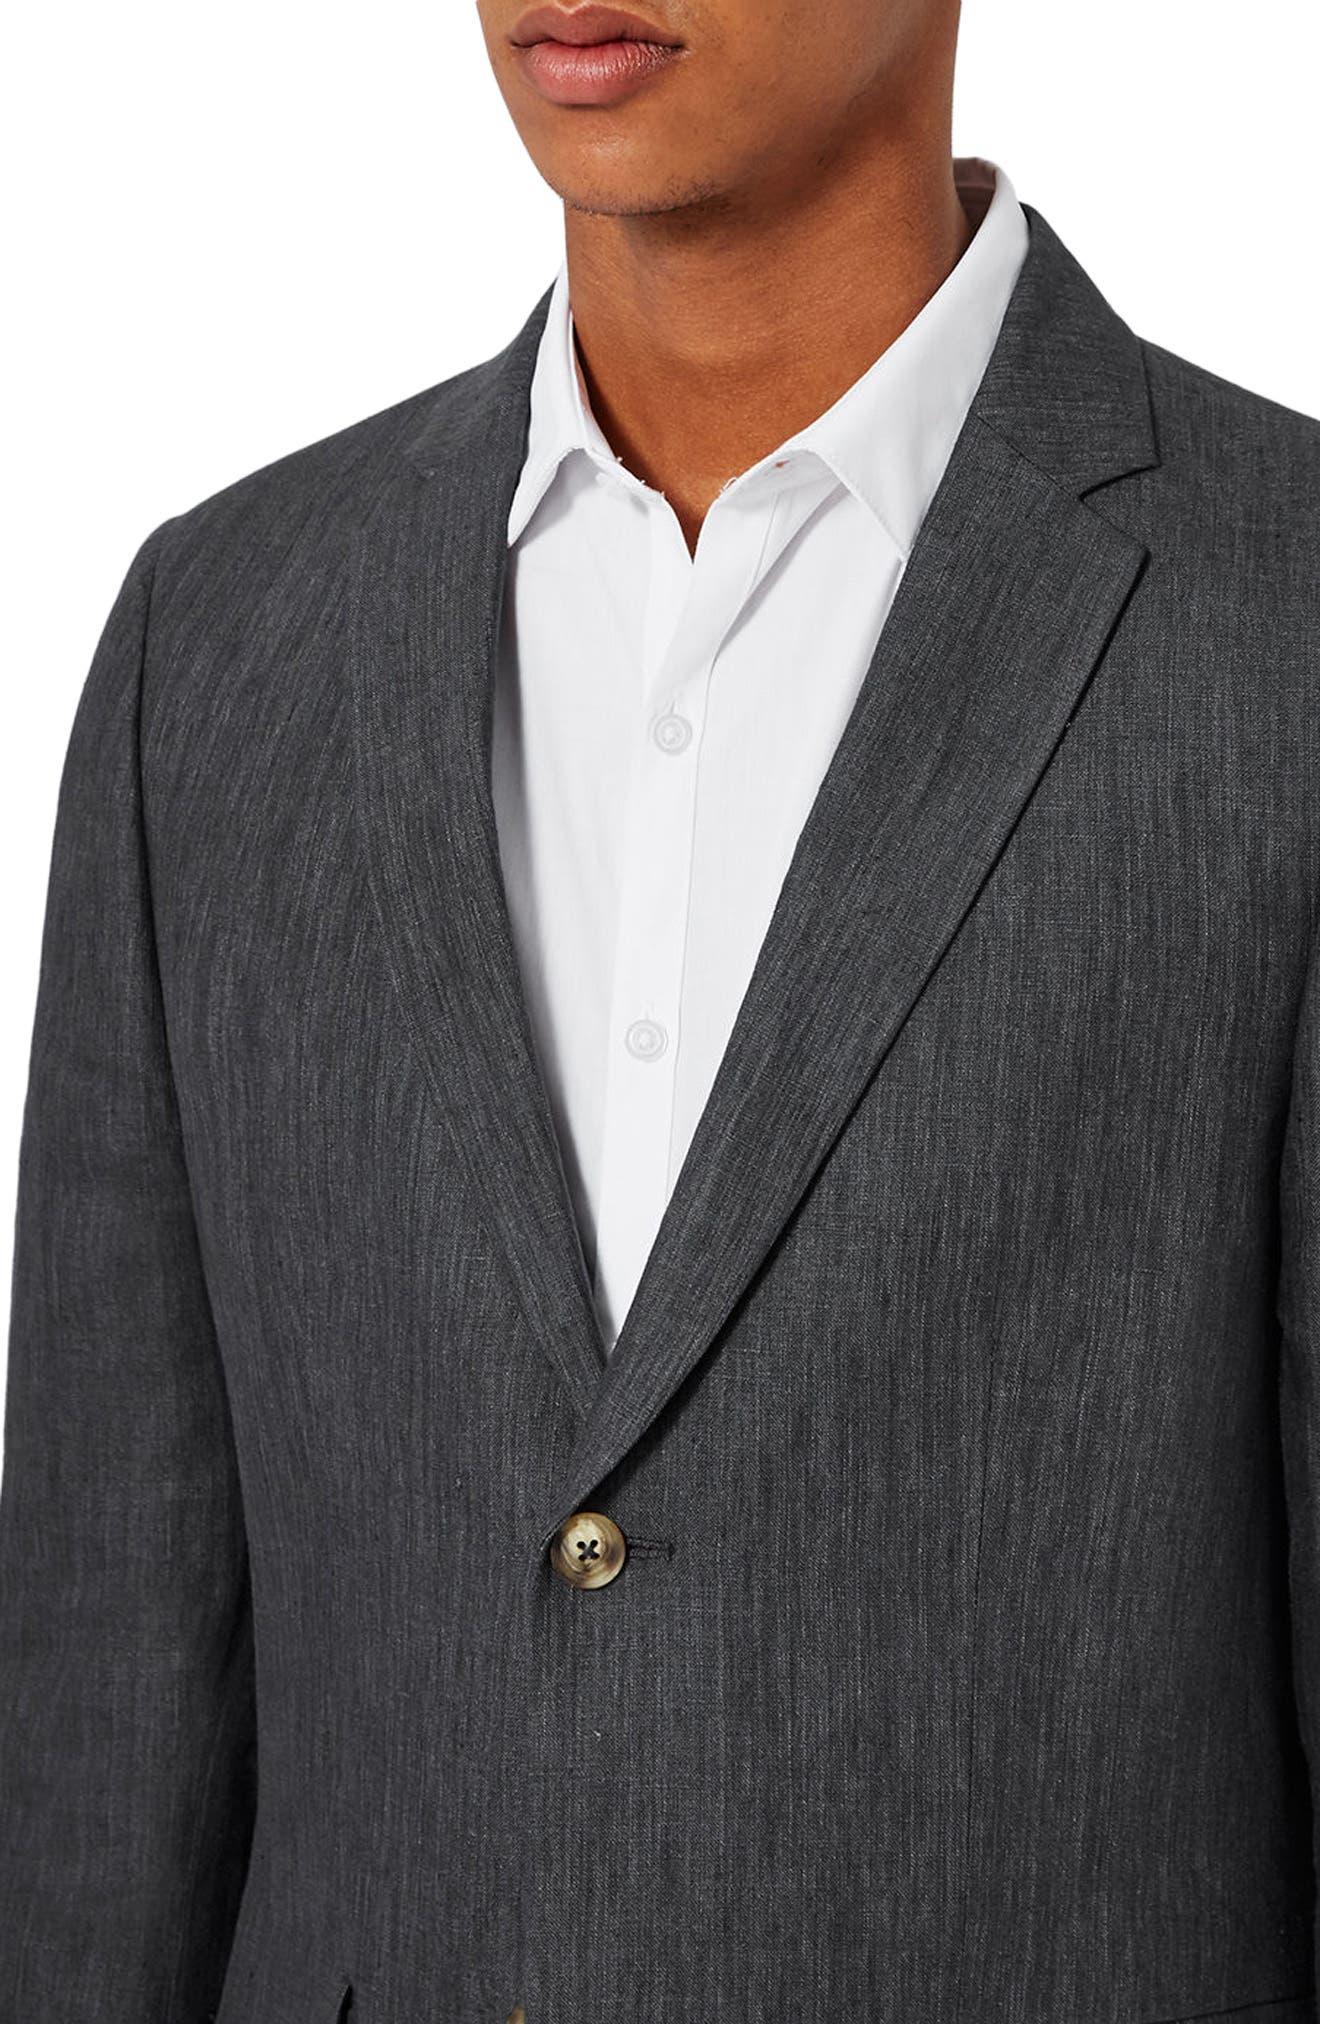 Skinny Fit Linen Suit Jacket,                             Alternate thumbnail 3, color,                             021